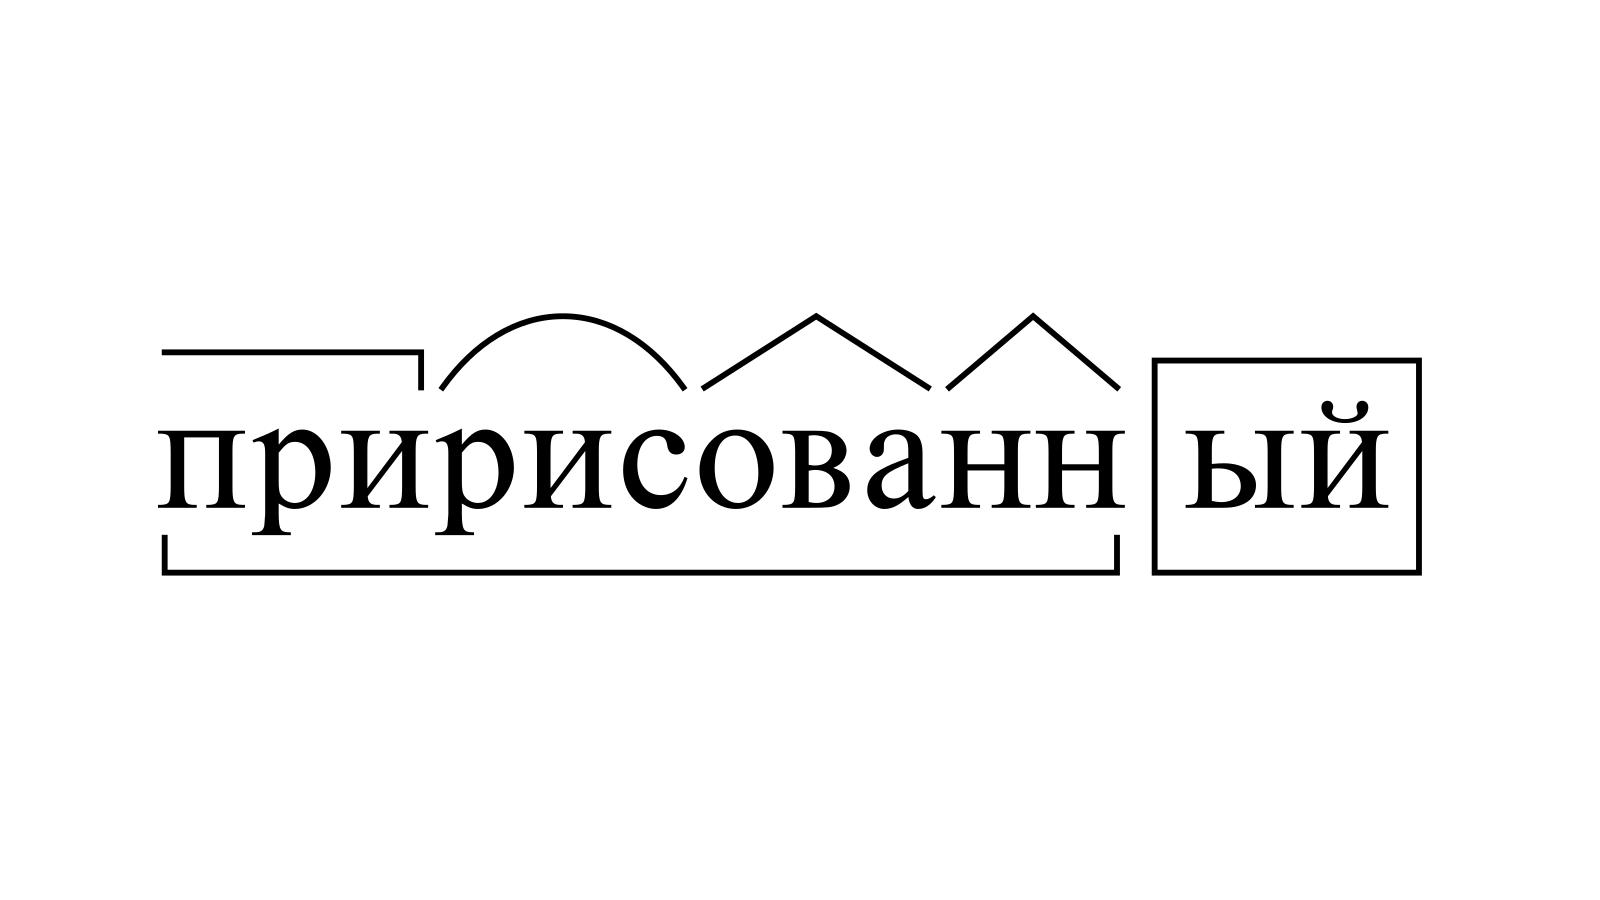 Разбор слова «пририсованный» по составу